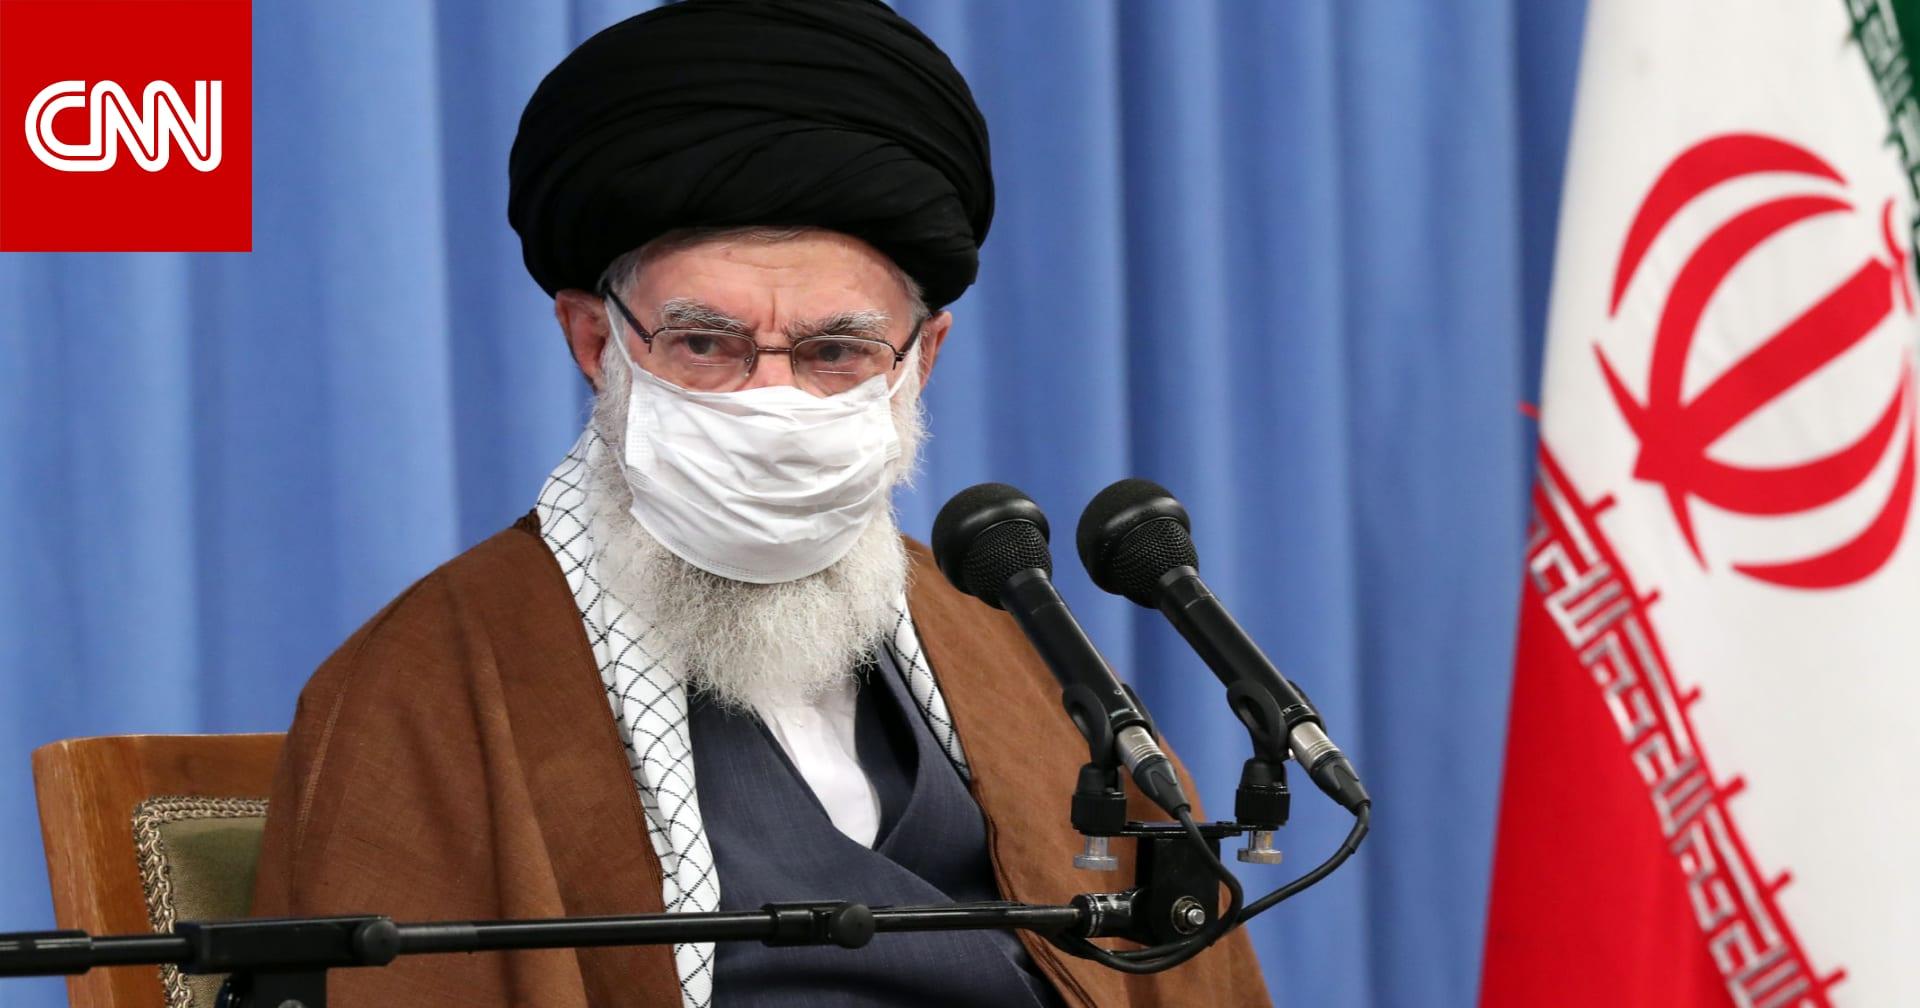 خامنئي يقارن ردة فعل المرشحين بالانتخابات الإيرانية مع نظرائهم من الأمريكيين